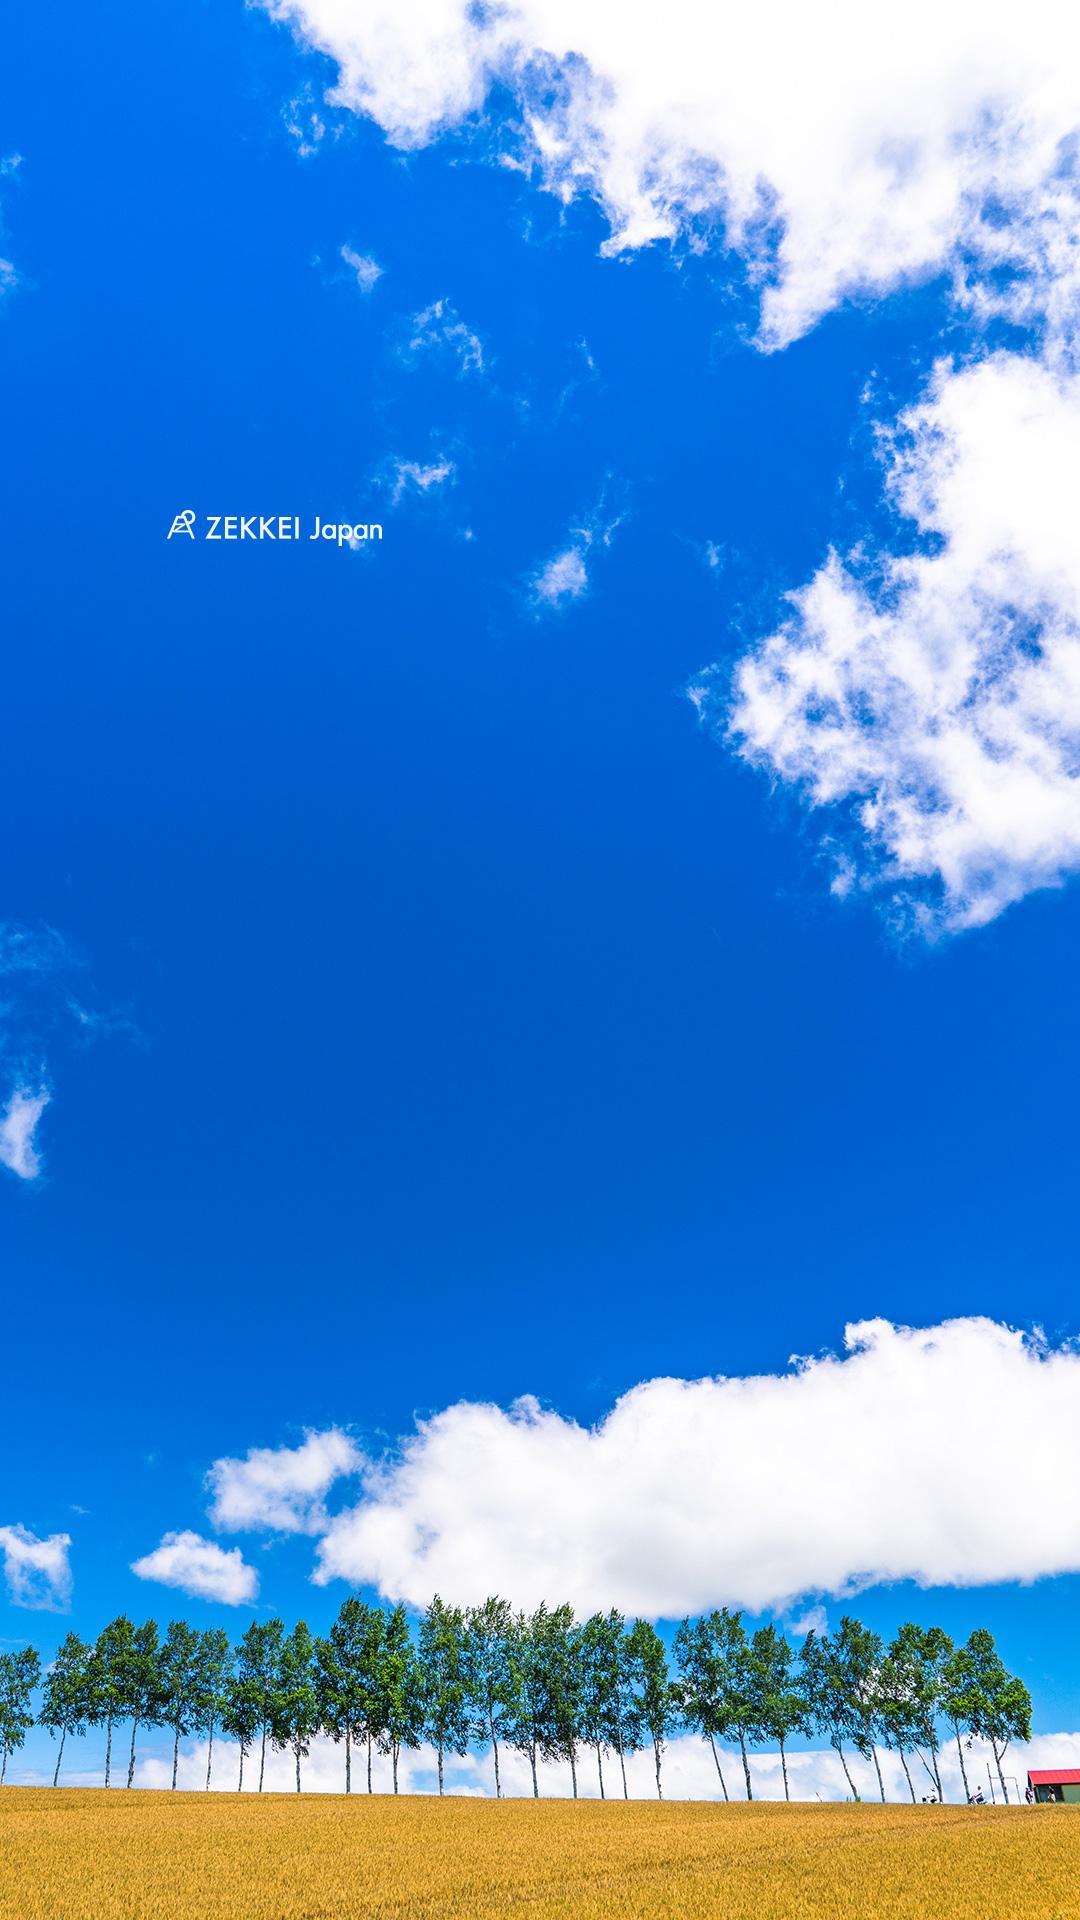 絕景桌布 北海道 美瑛山丘上 名樹群 桌布大放送 絕景日本